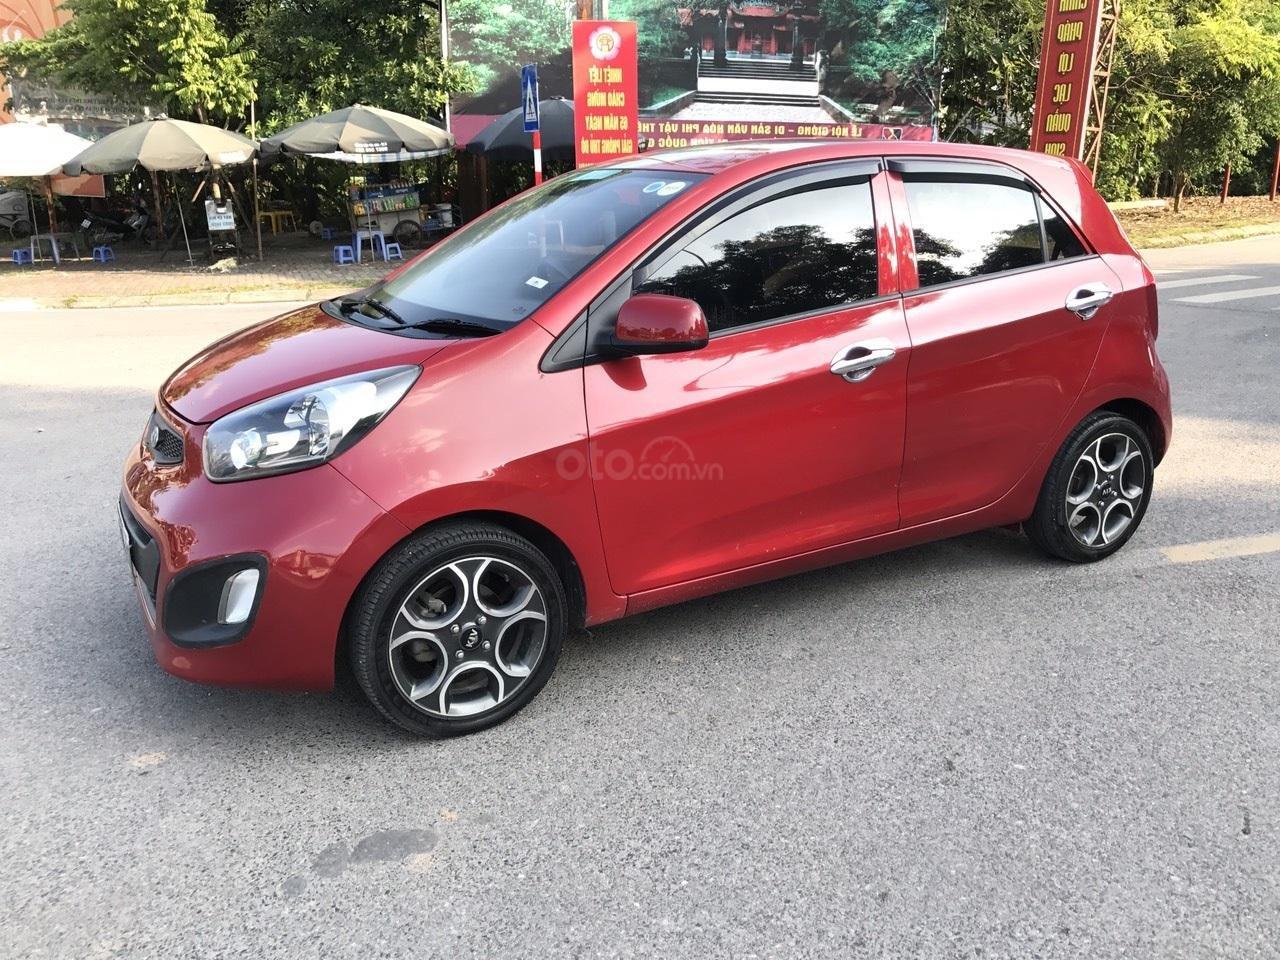 Bán Kia Morning 1.0MT Sport đời 2011, màu đỏ, nhập khẩu, xe cực chất lượng (2)